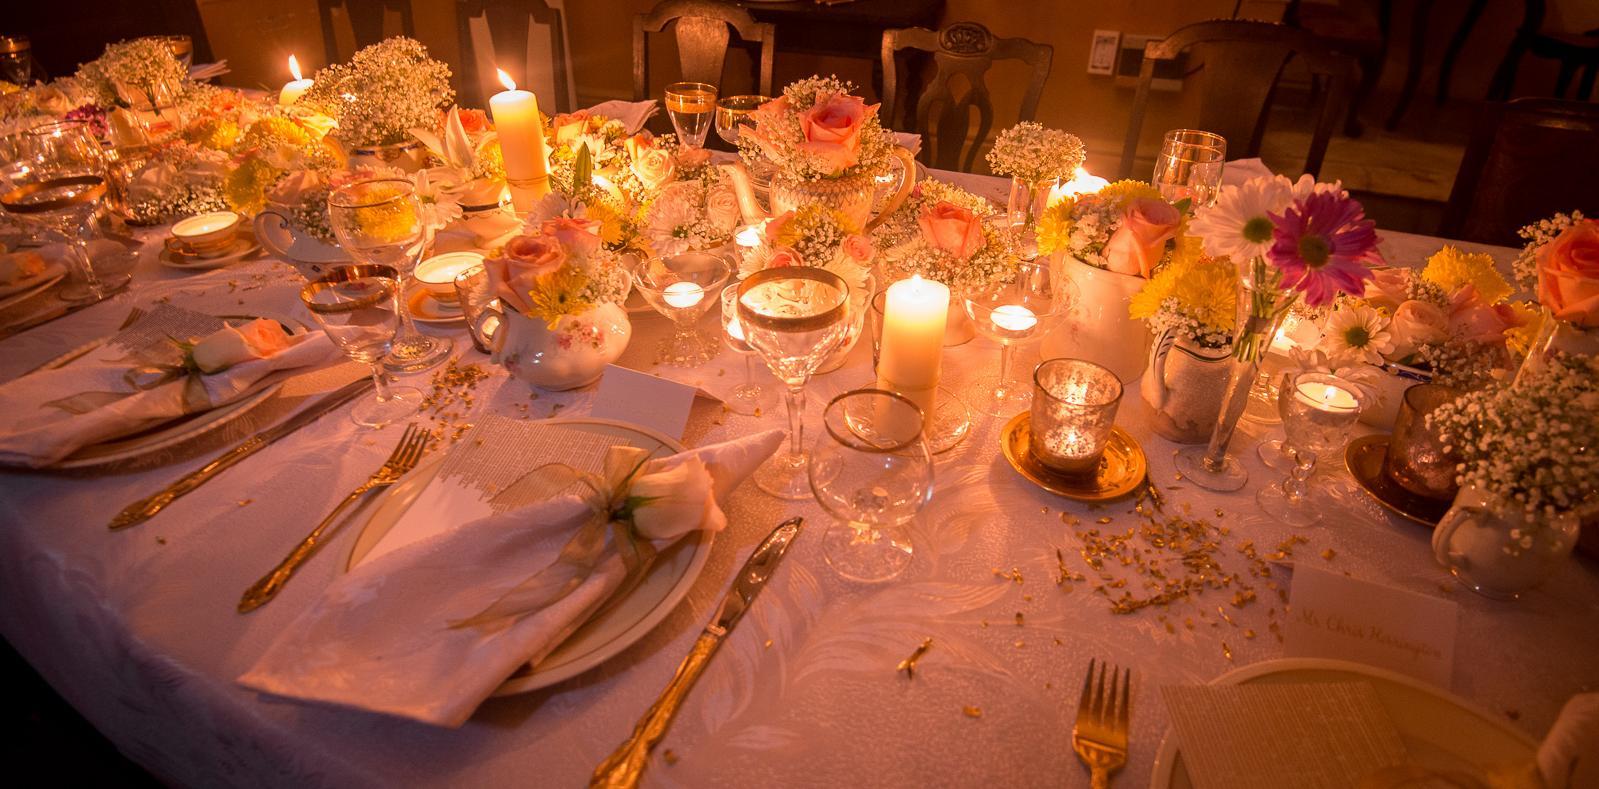 bodas-estilo-libre-sin-tema-cuba-7482.jpg